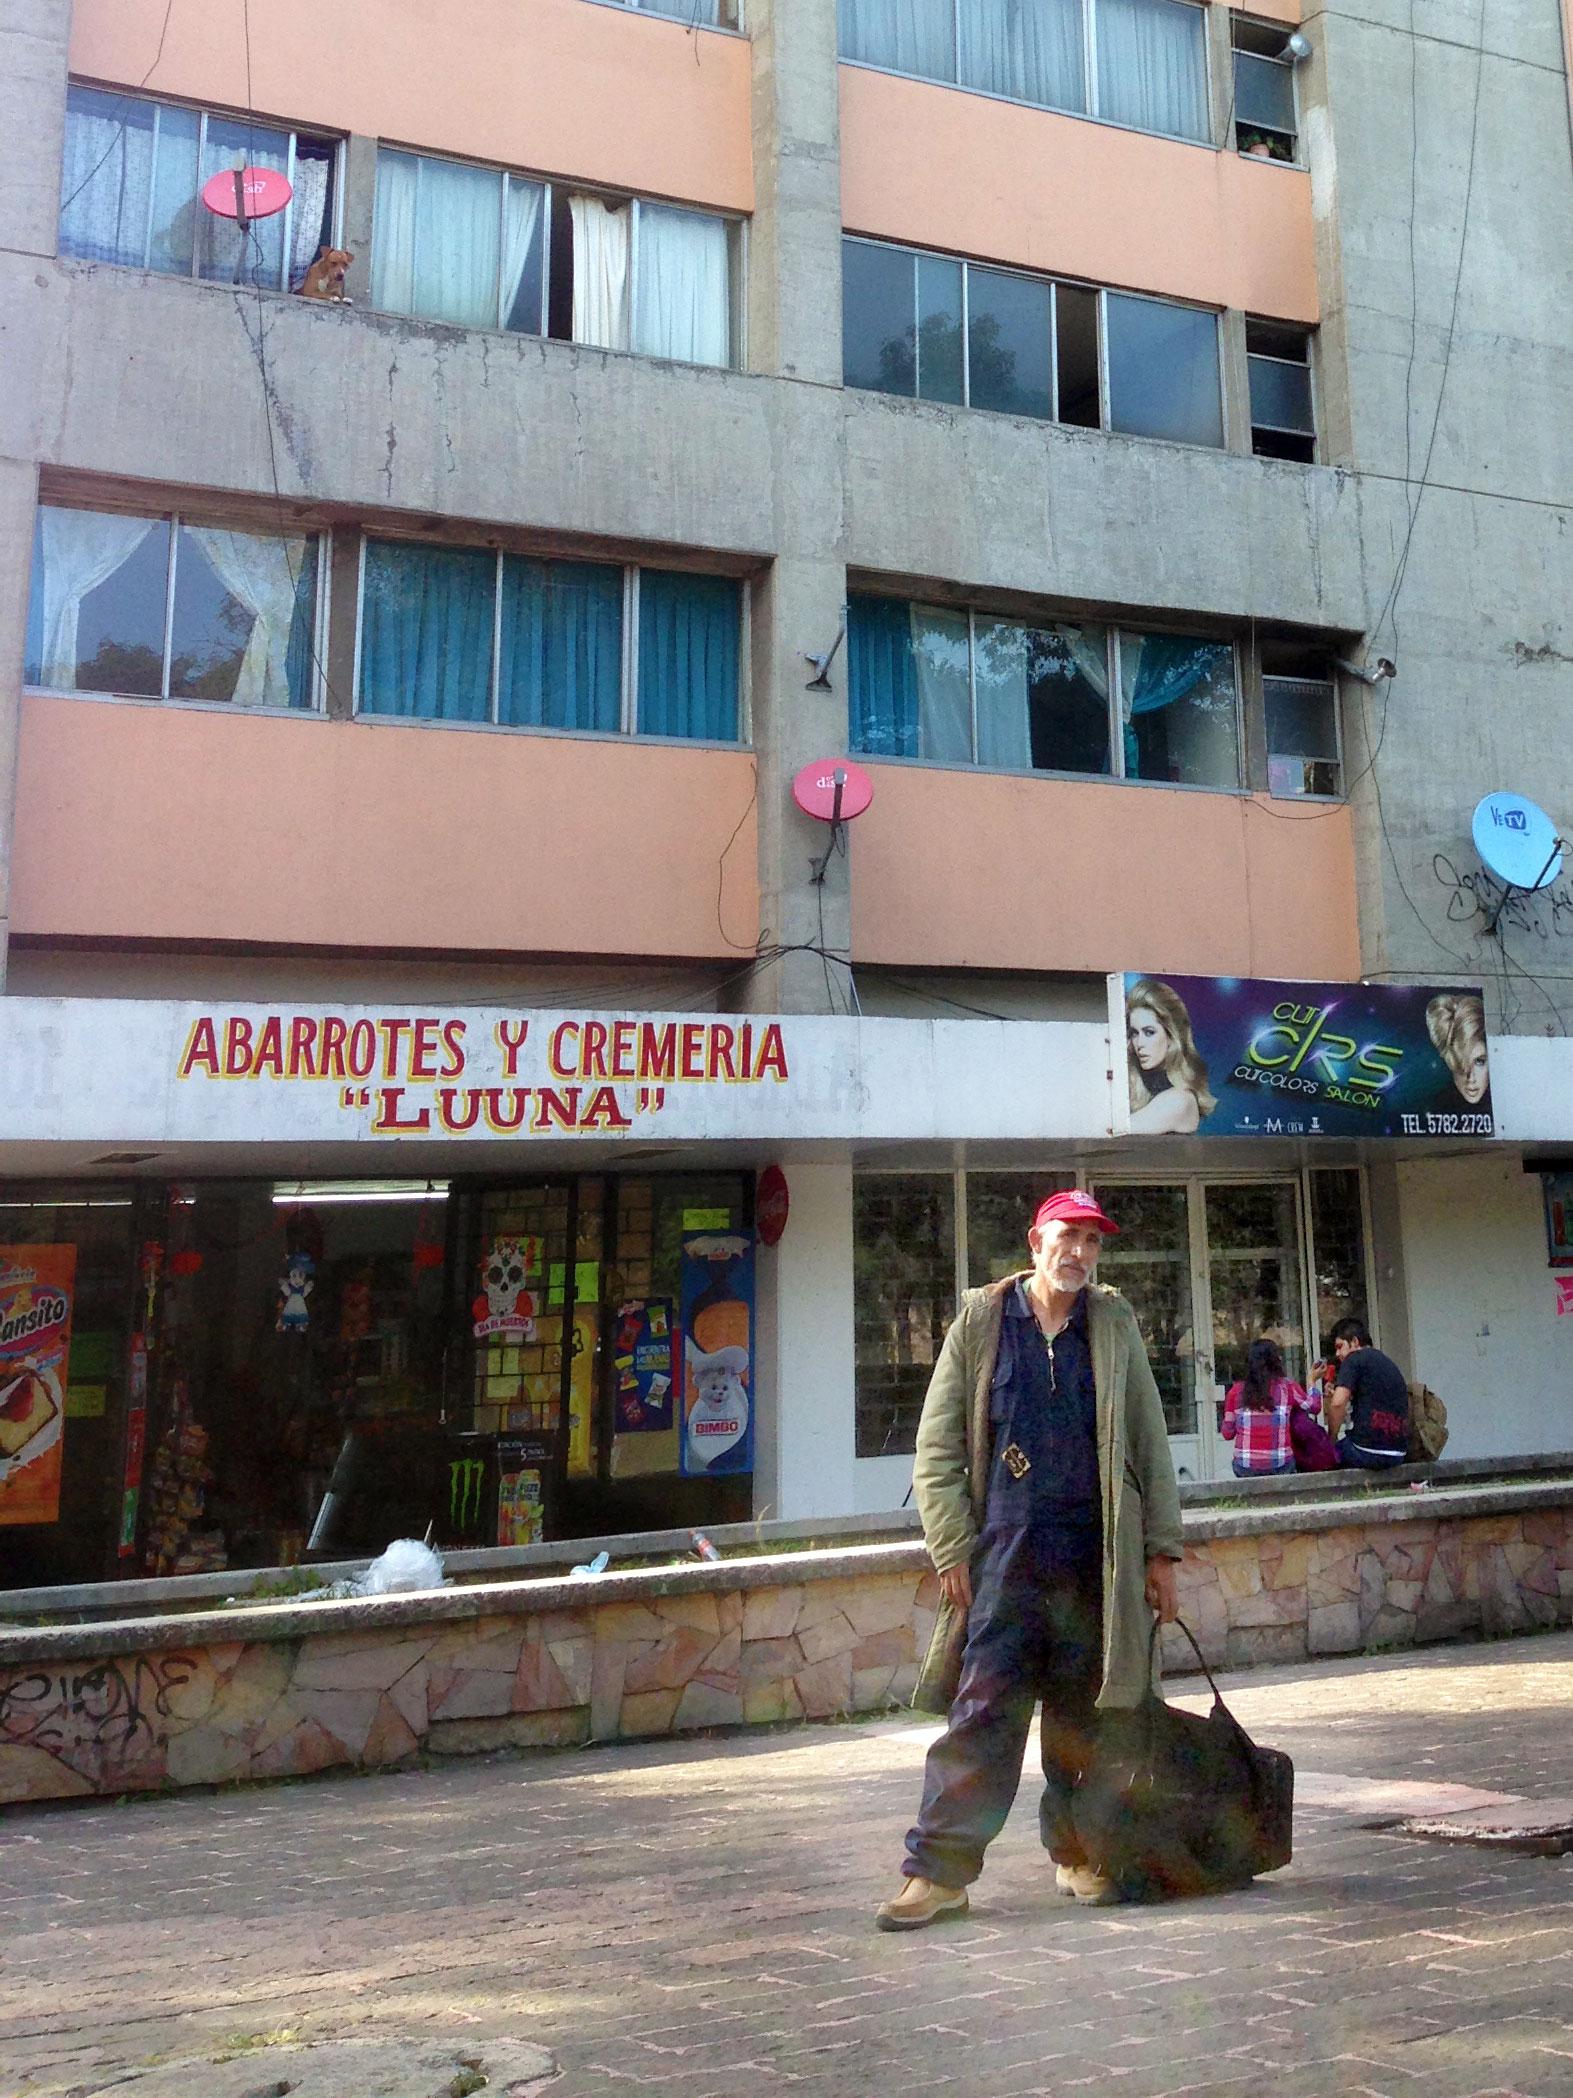 LocalLegends_Tlaltelolco_MarianaD_medium.jpg